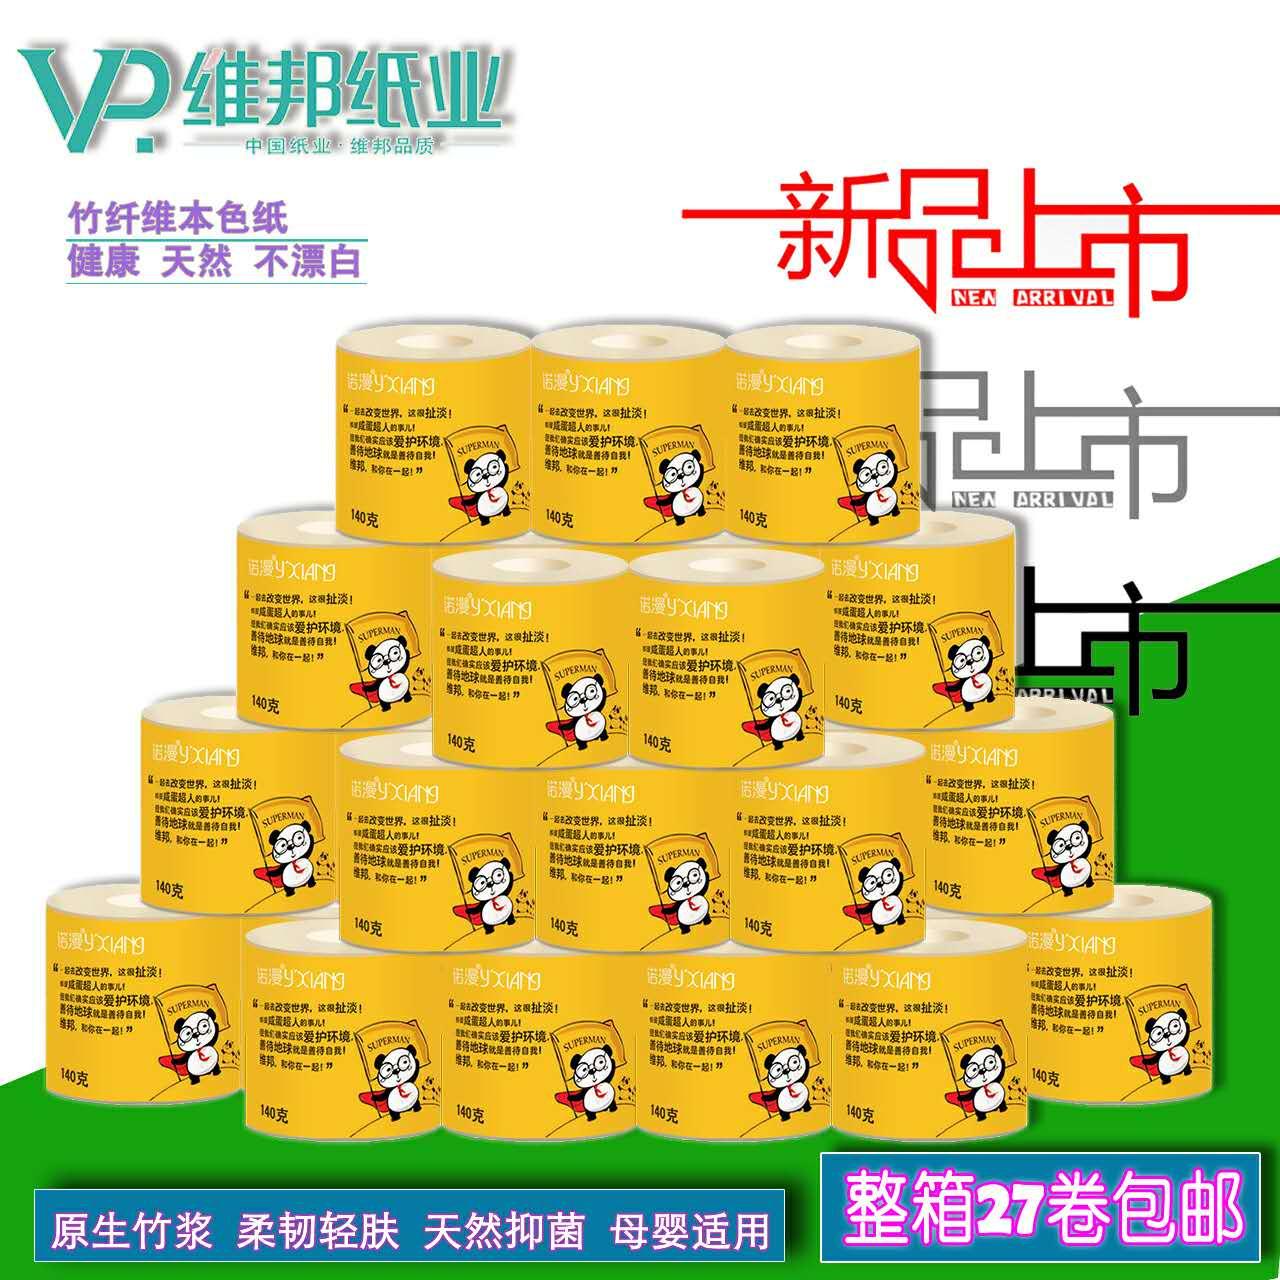 维邦卫生纸卷纸家用家庭装竹浆原生浆婴儿本色原木整箱27卷包邮